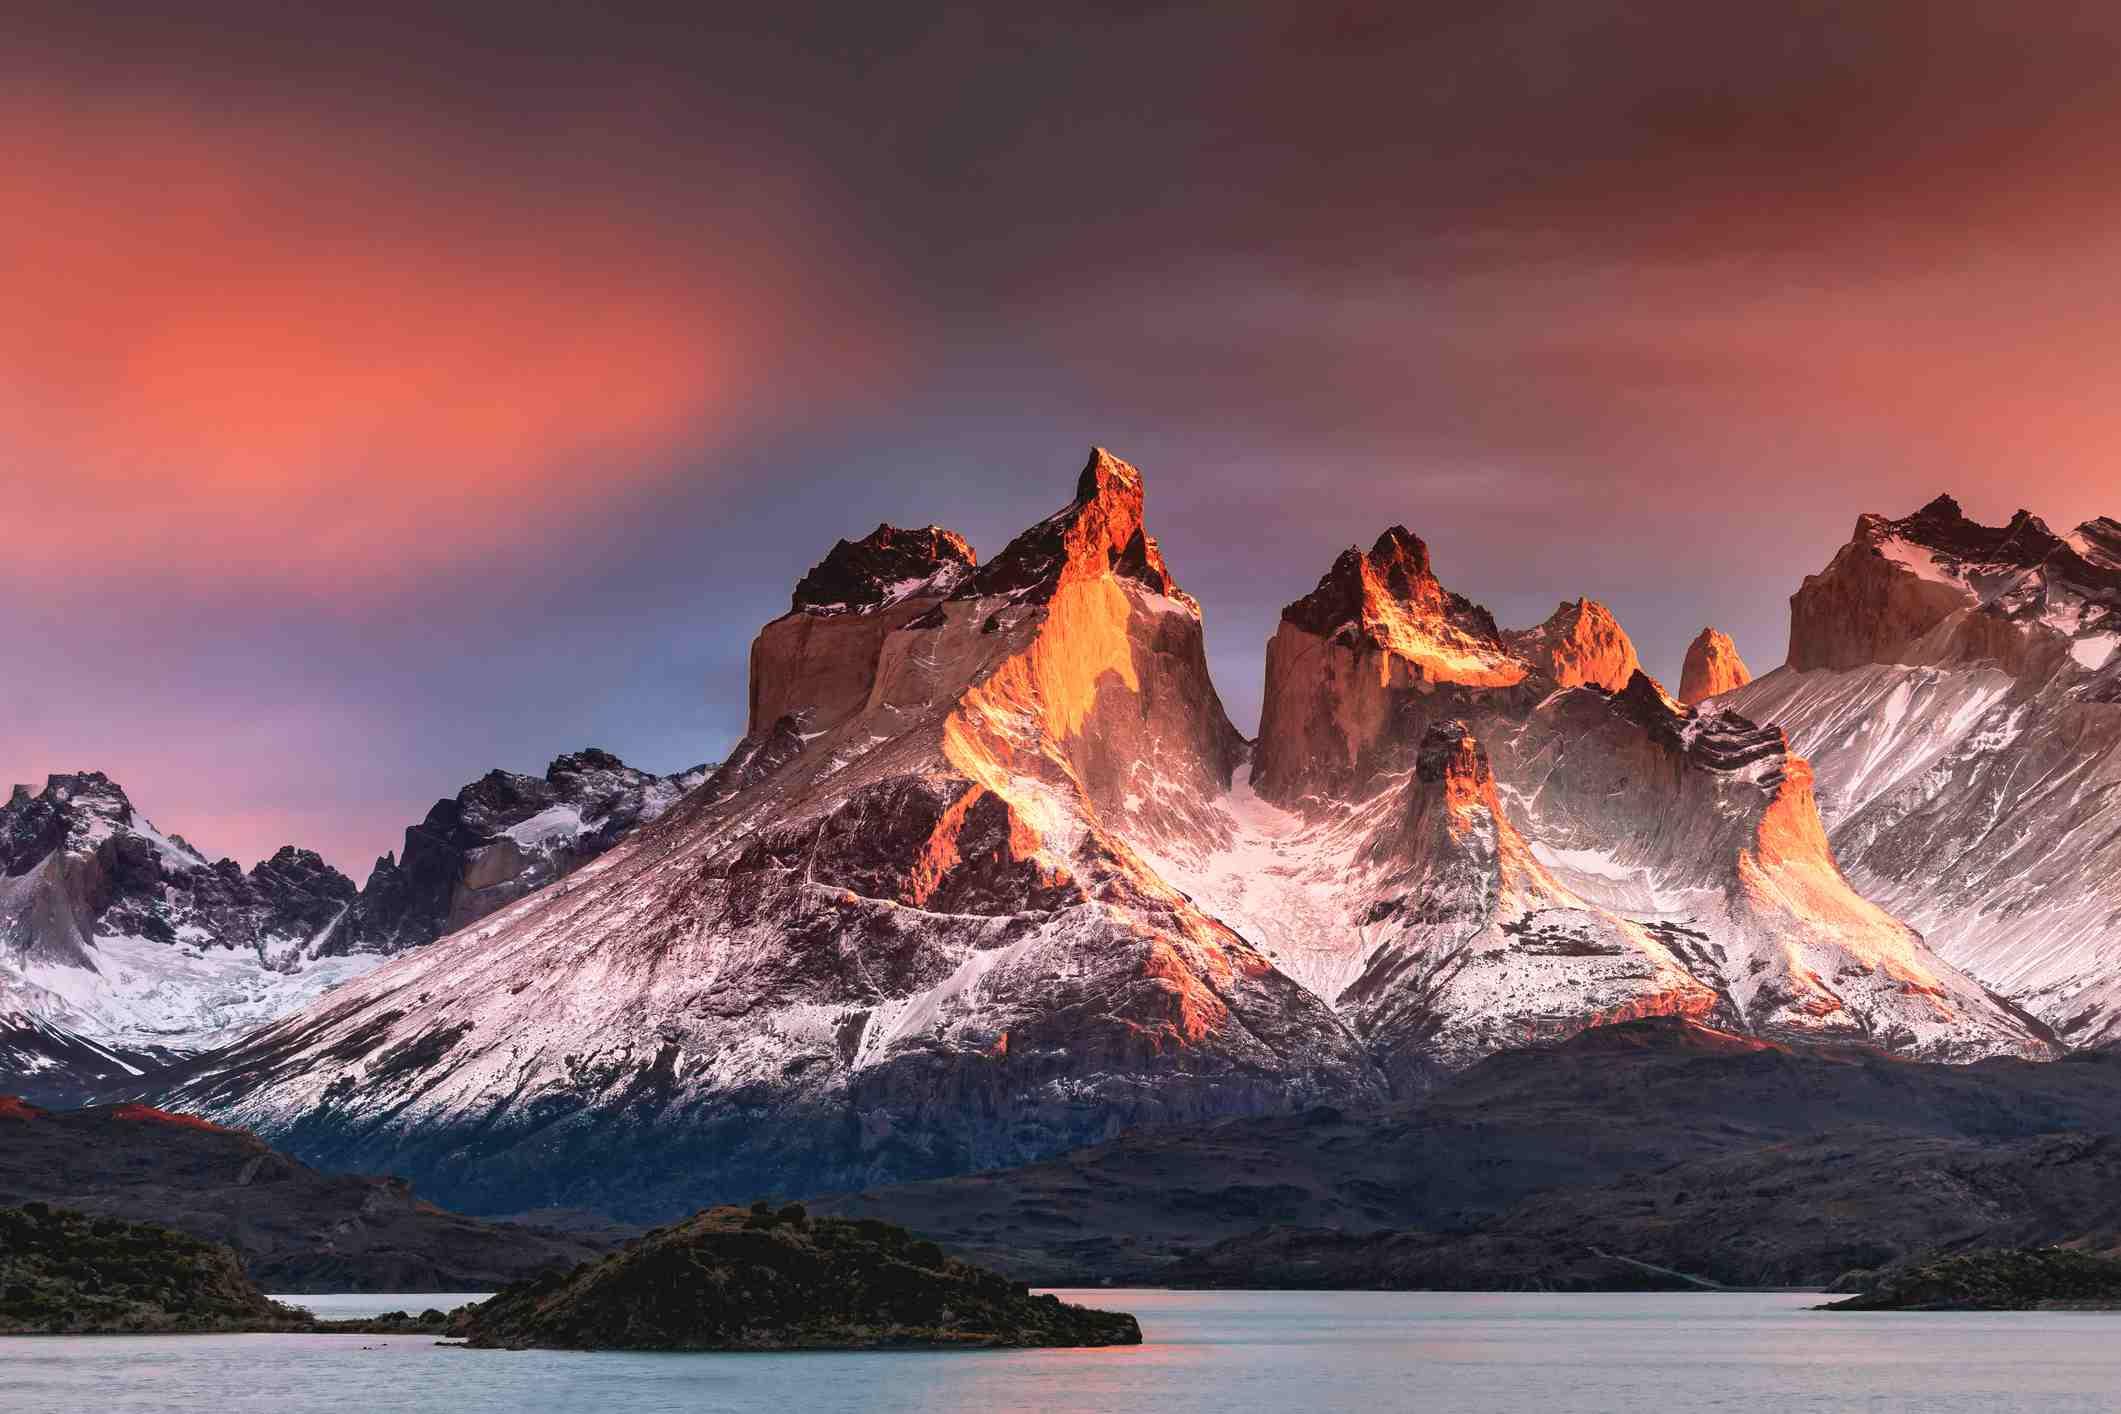 Sunrise taken at Torres Del Paine National Park.